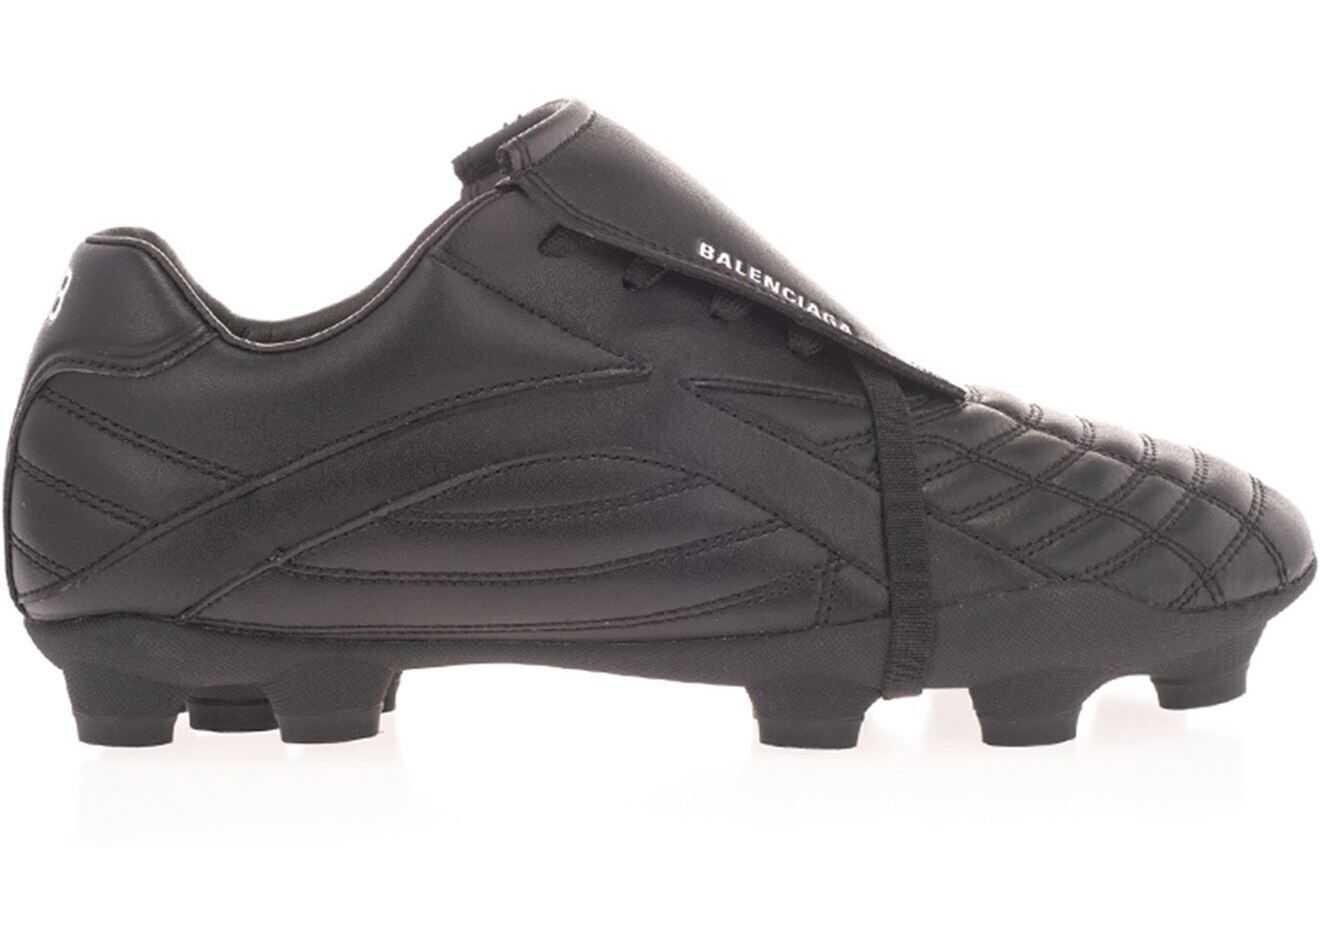 Balenciaga Soccer Sneakers In Black 637265 W3BR1 1090 Black imagine b-mall.ro